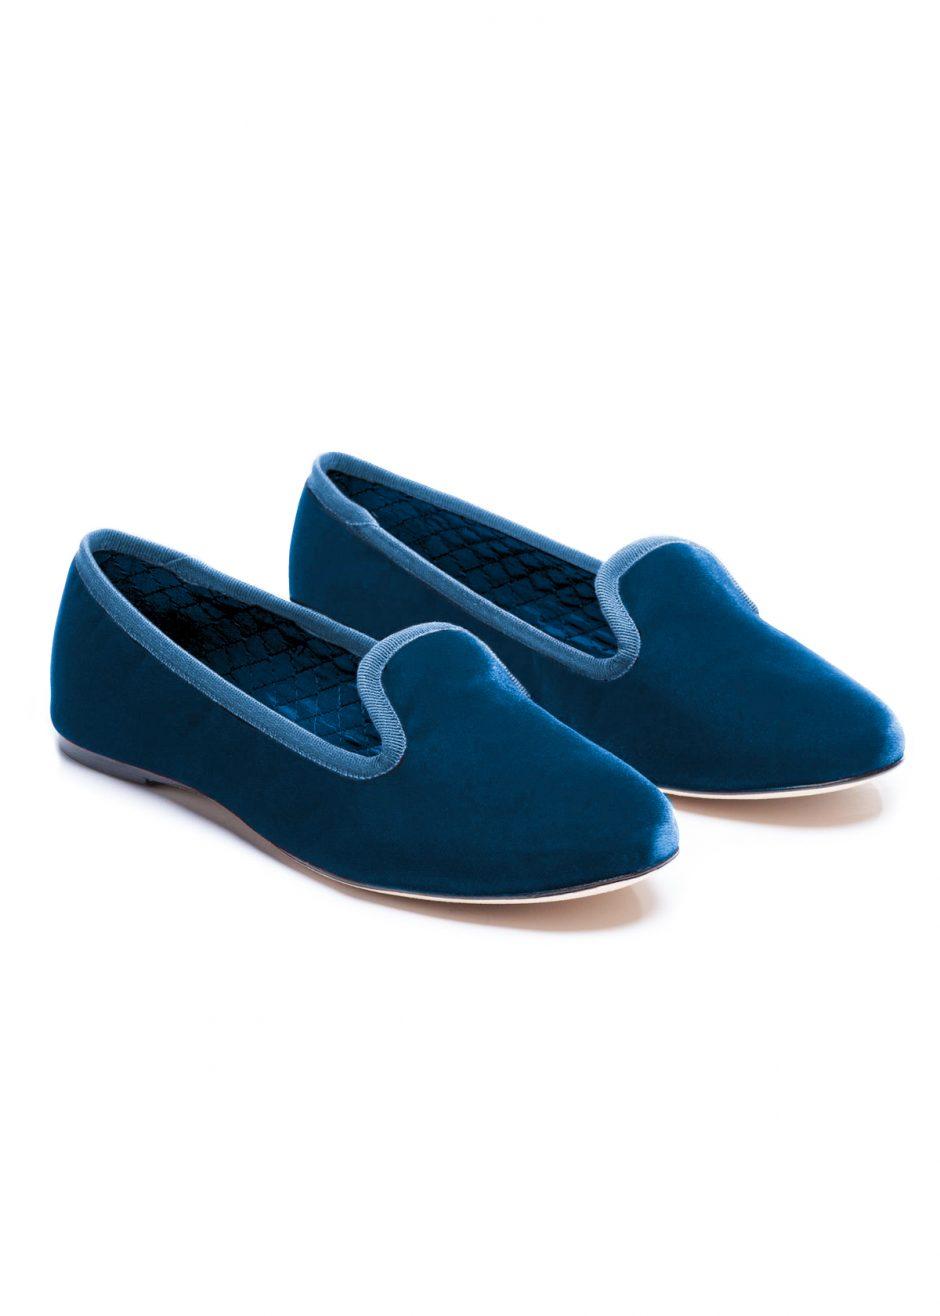 Casanova – Slipper avio blue velvet